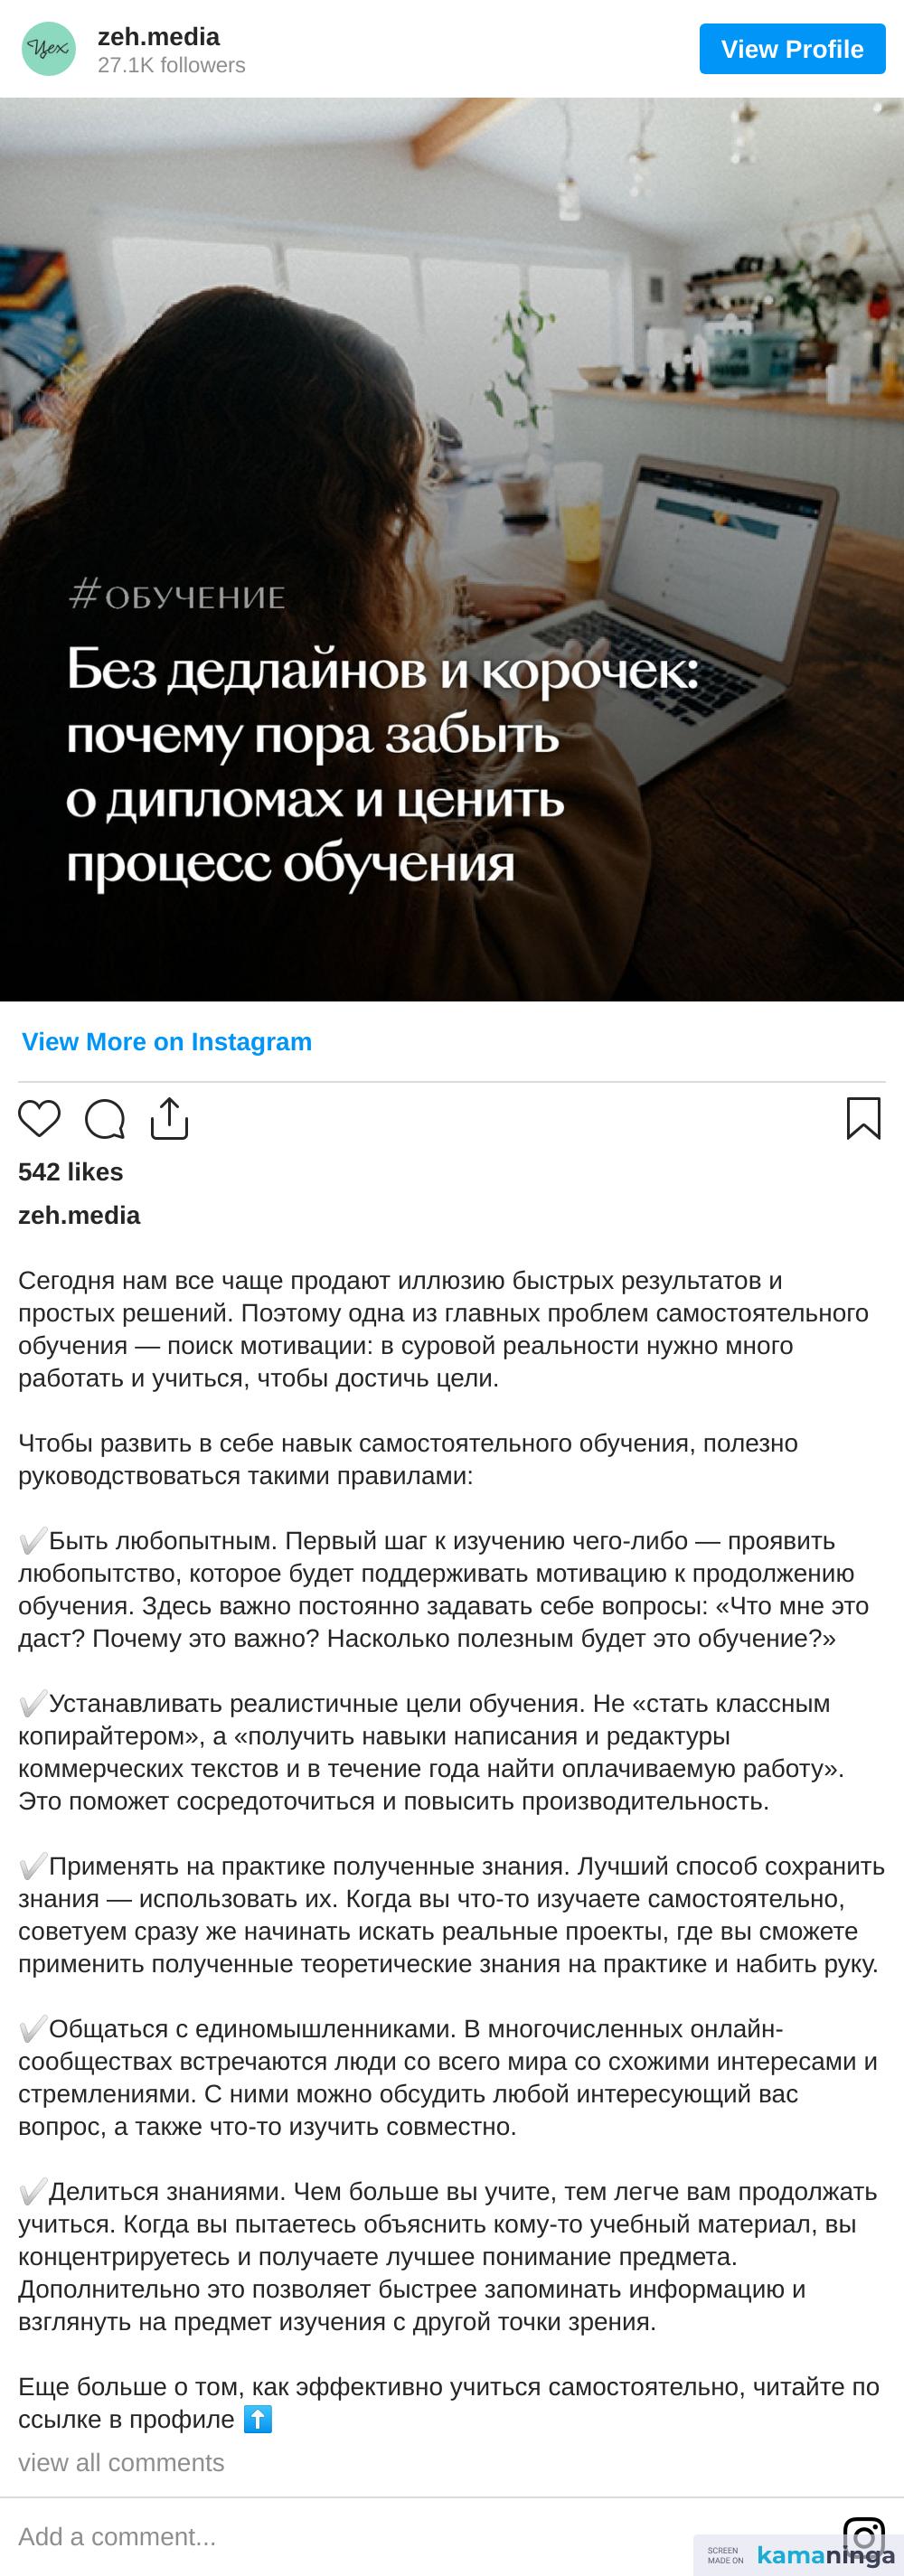 https://www.instagram.com/p/CJOmAXQnXJh/